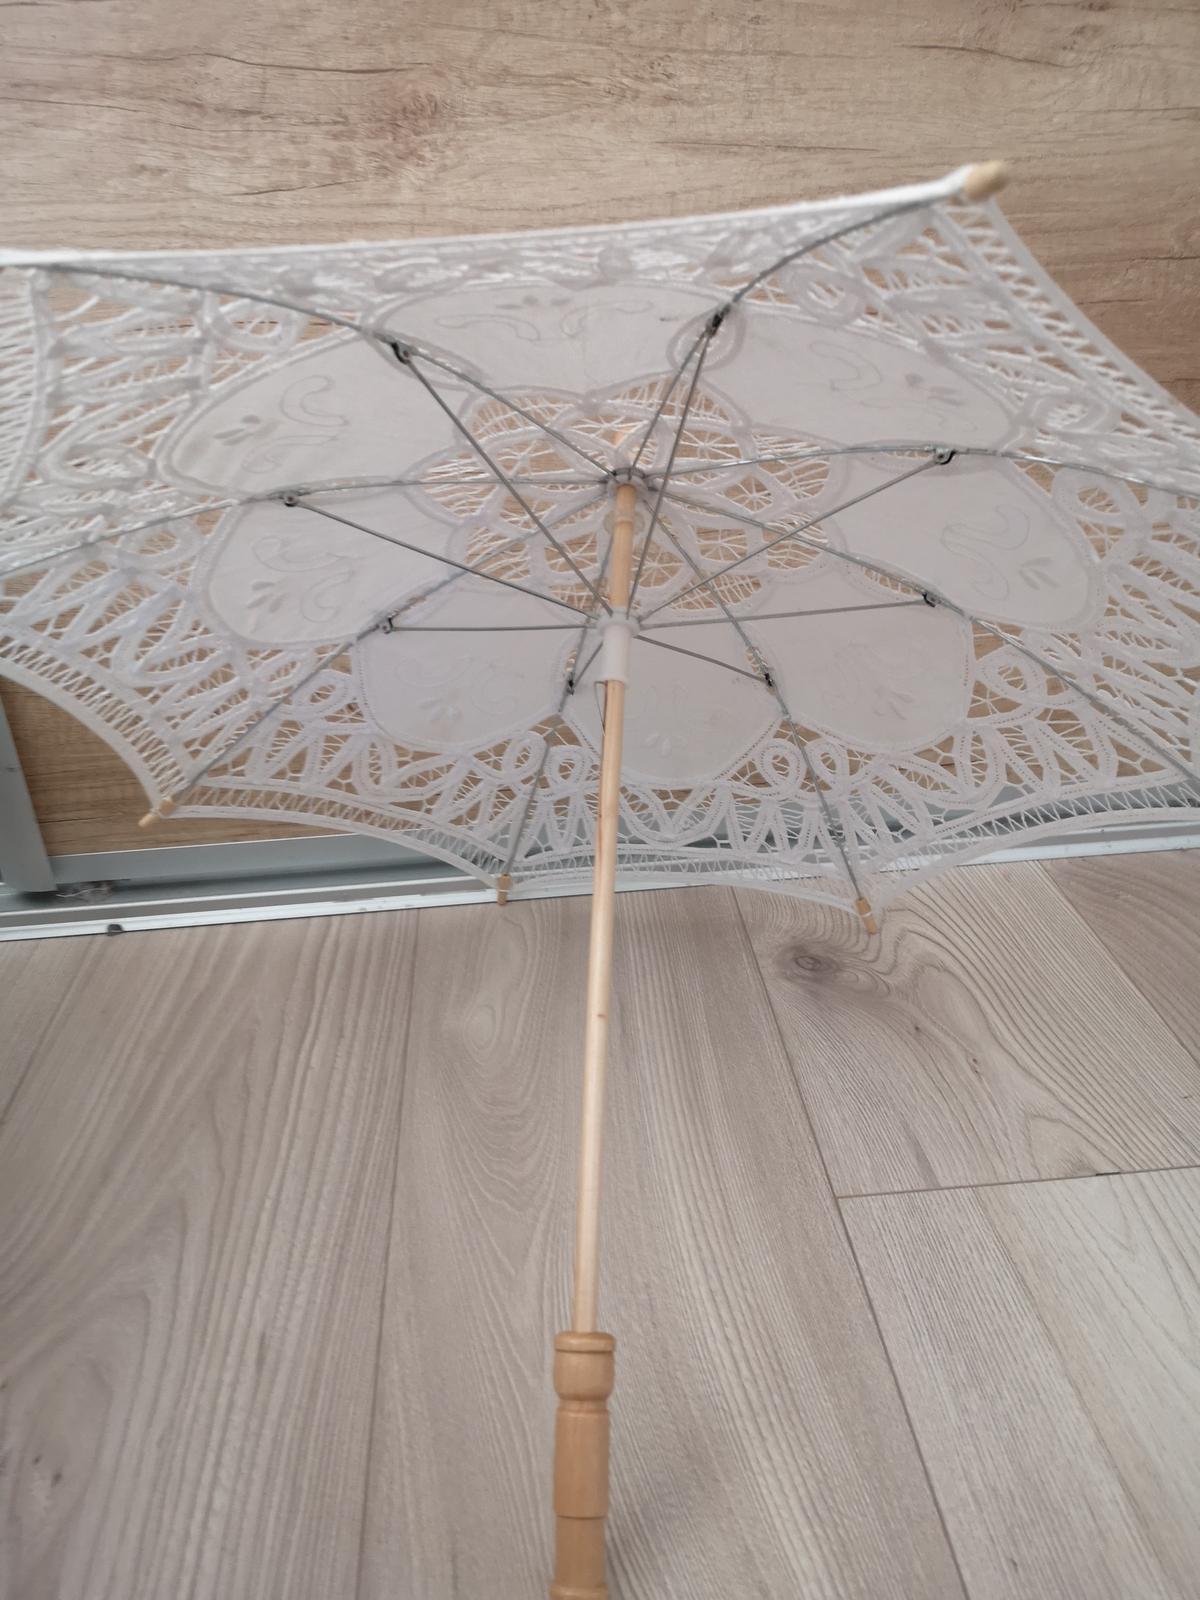 Detský dáždnik  - Obrázok č. 2